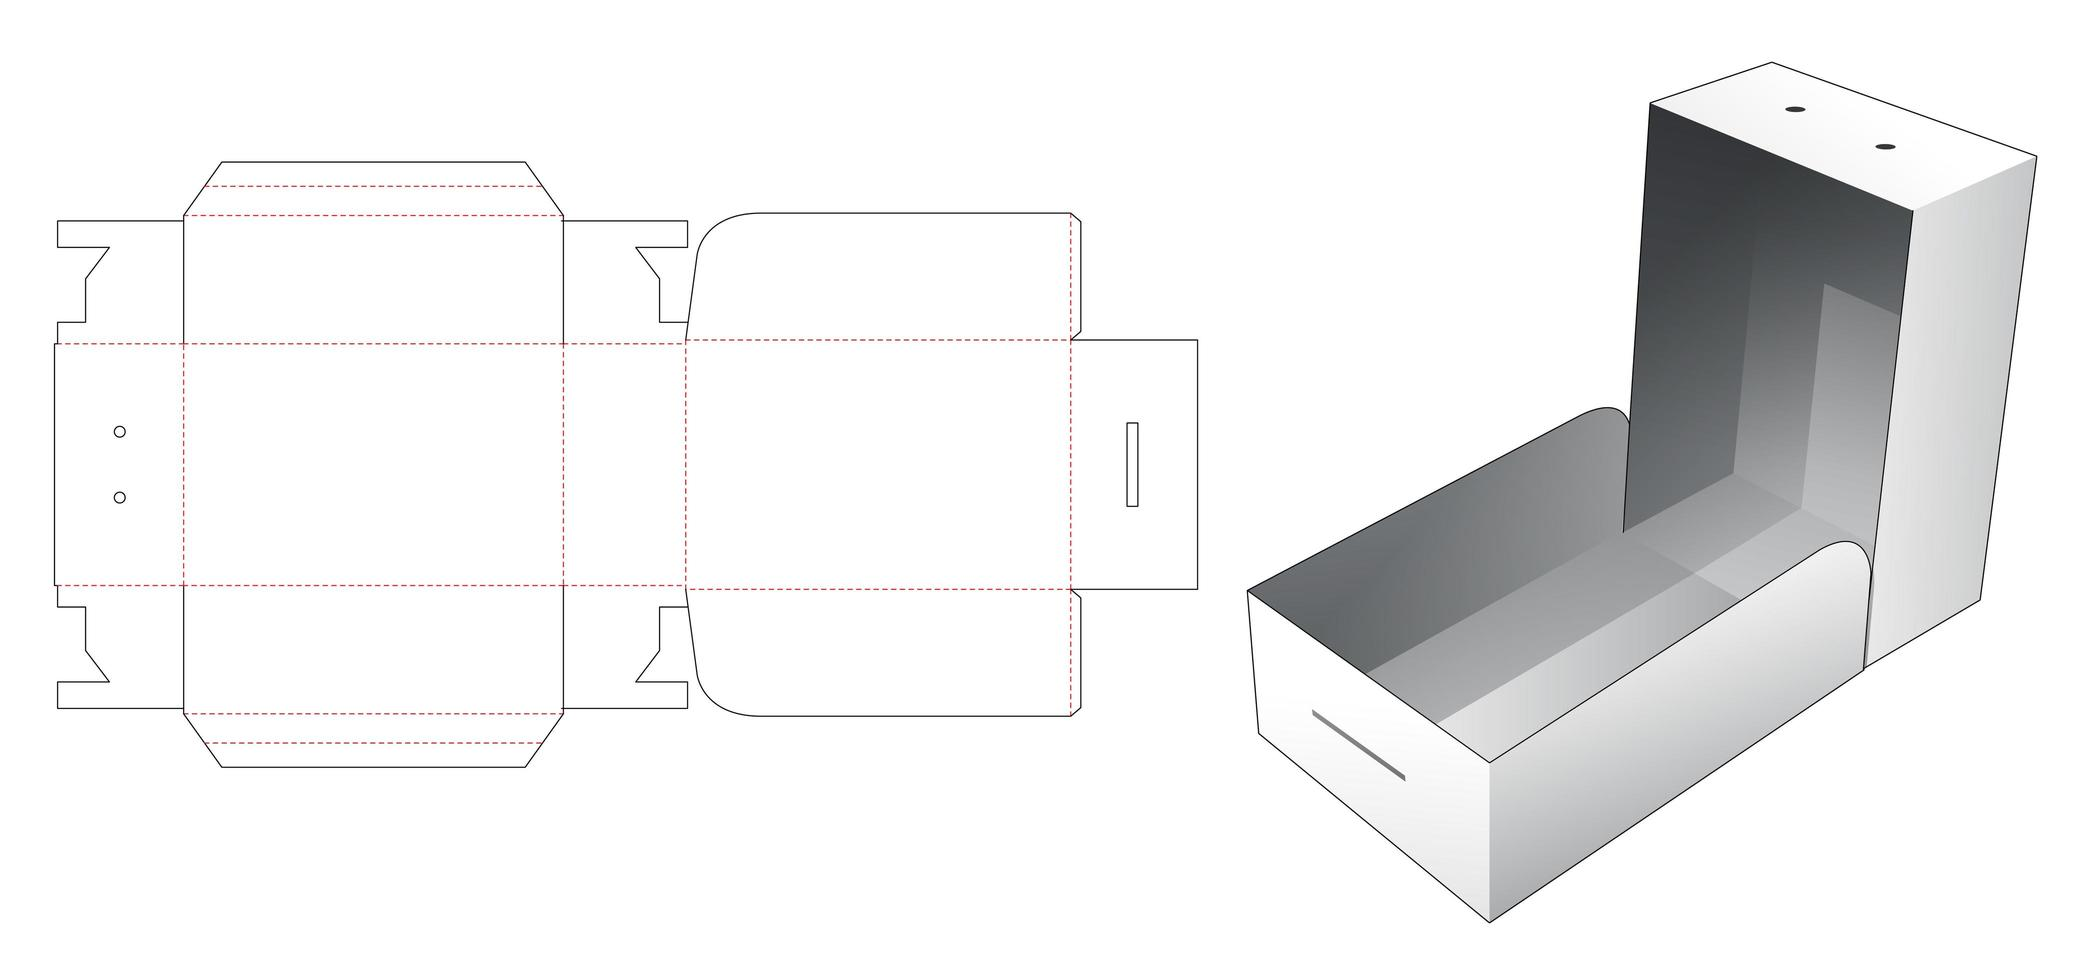 Caja de embalaje de 1 pieza con orificio para cuerda vector